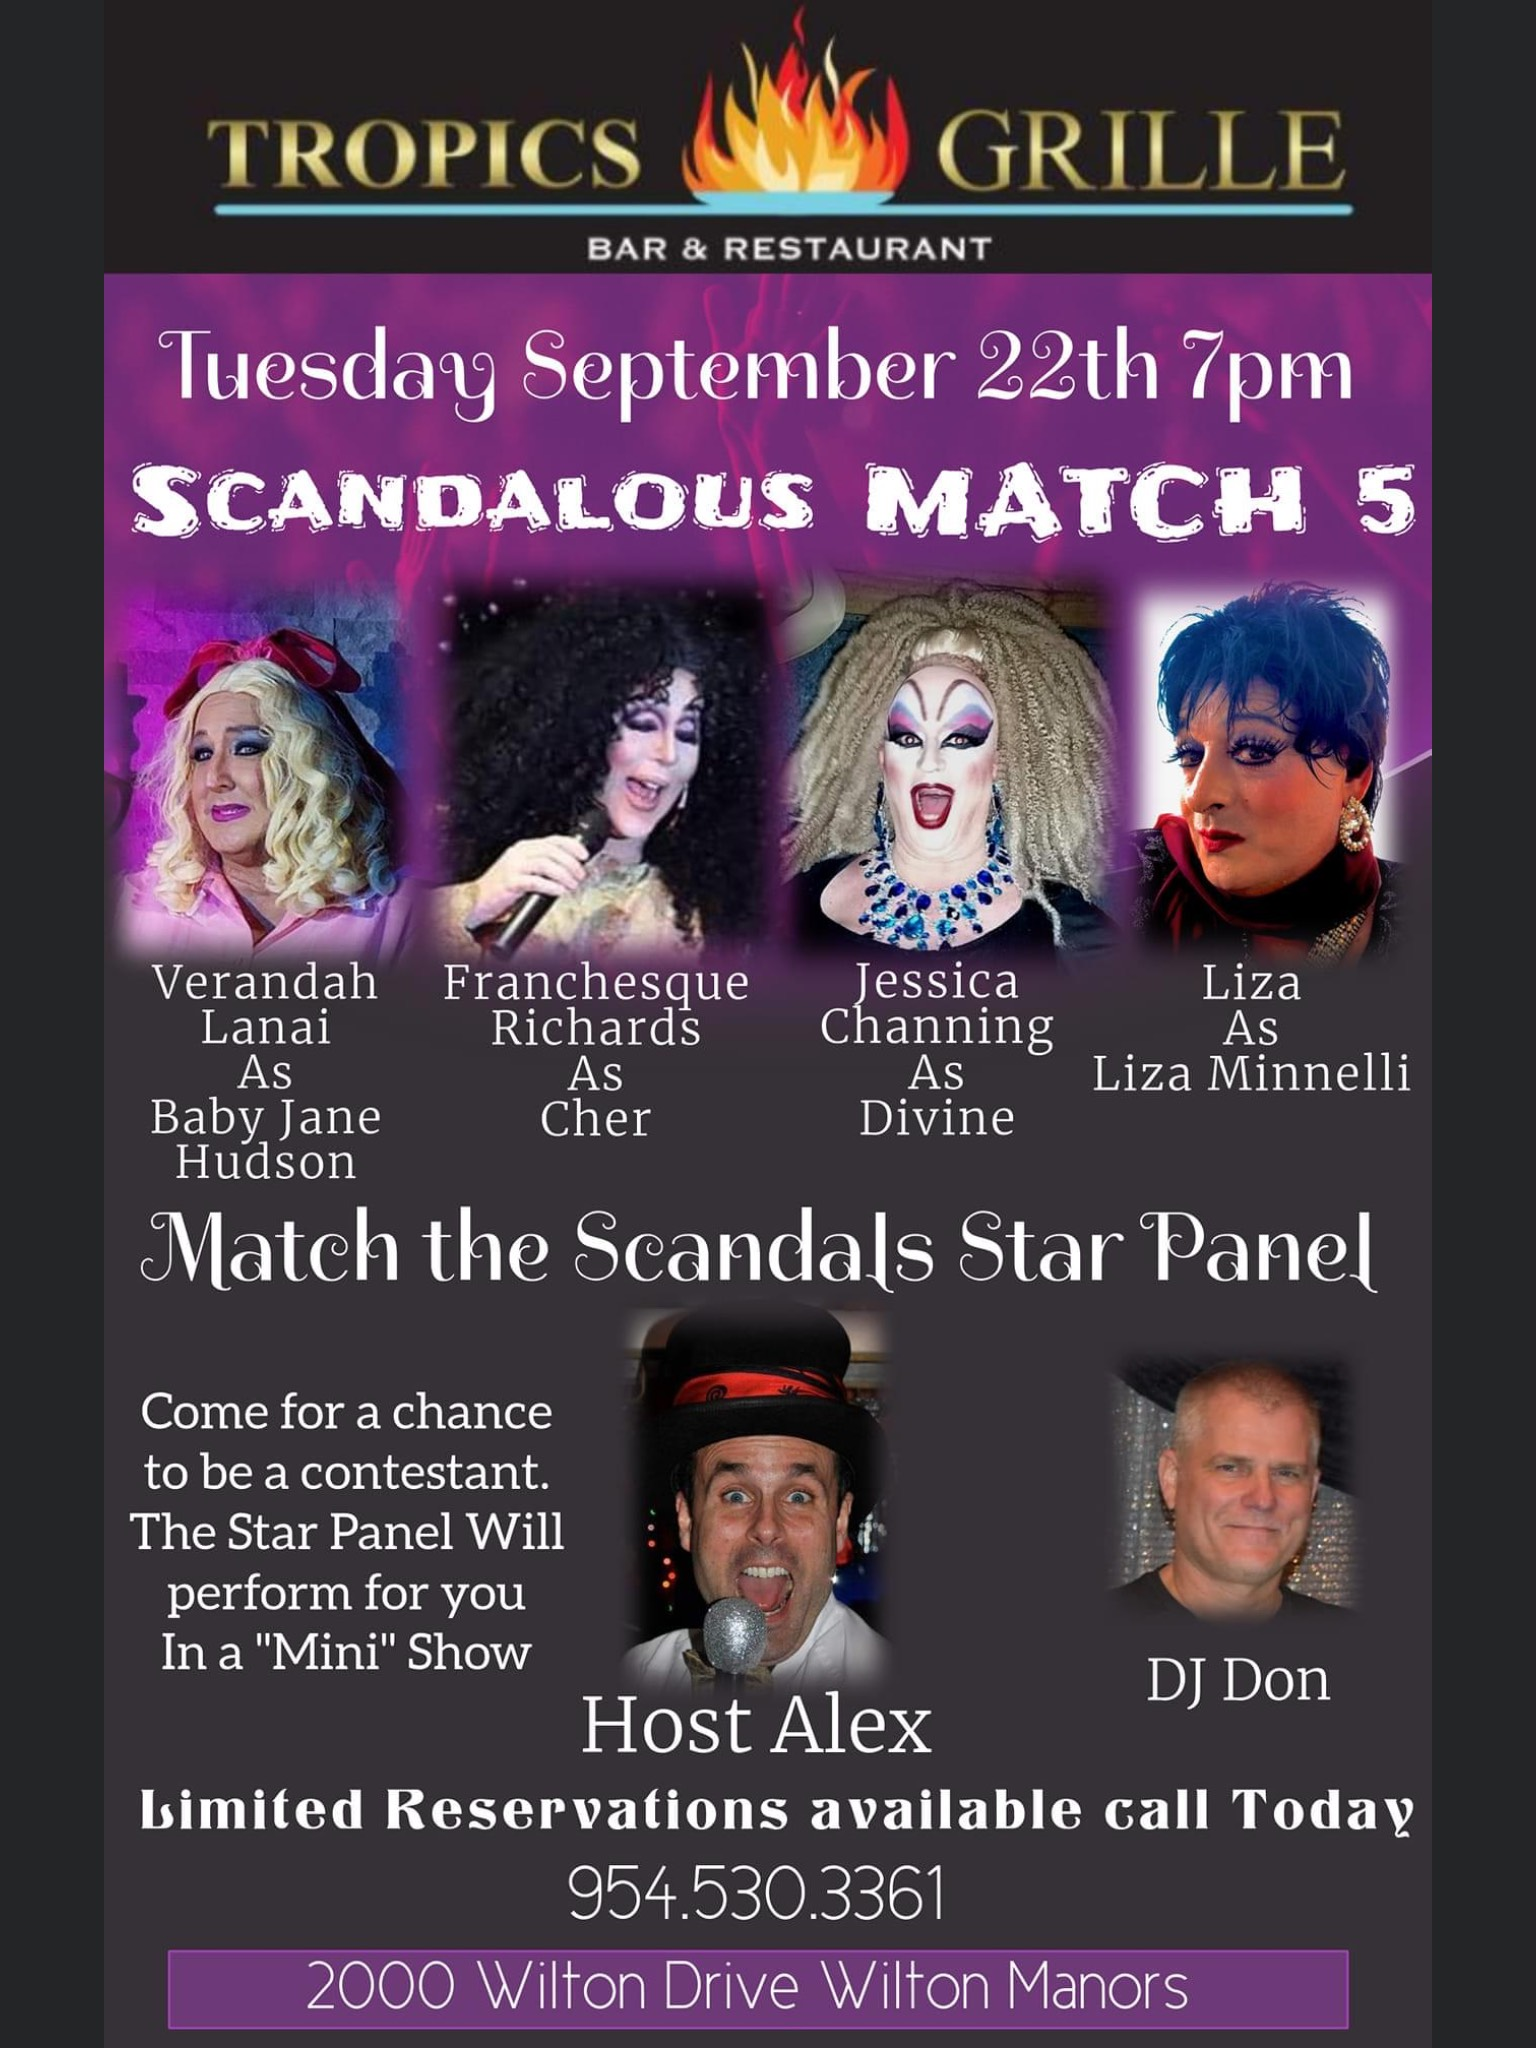 Scandalous Match 5!